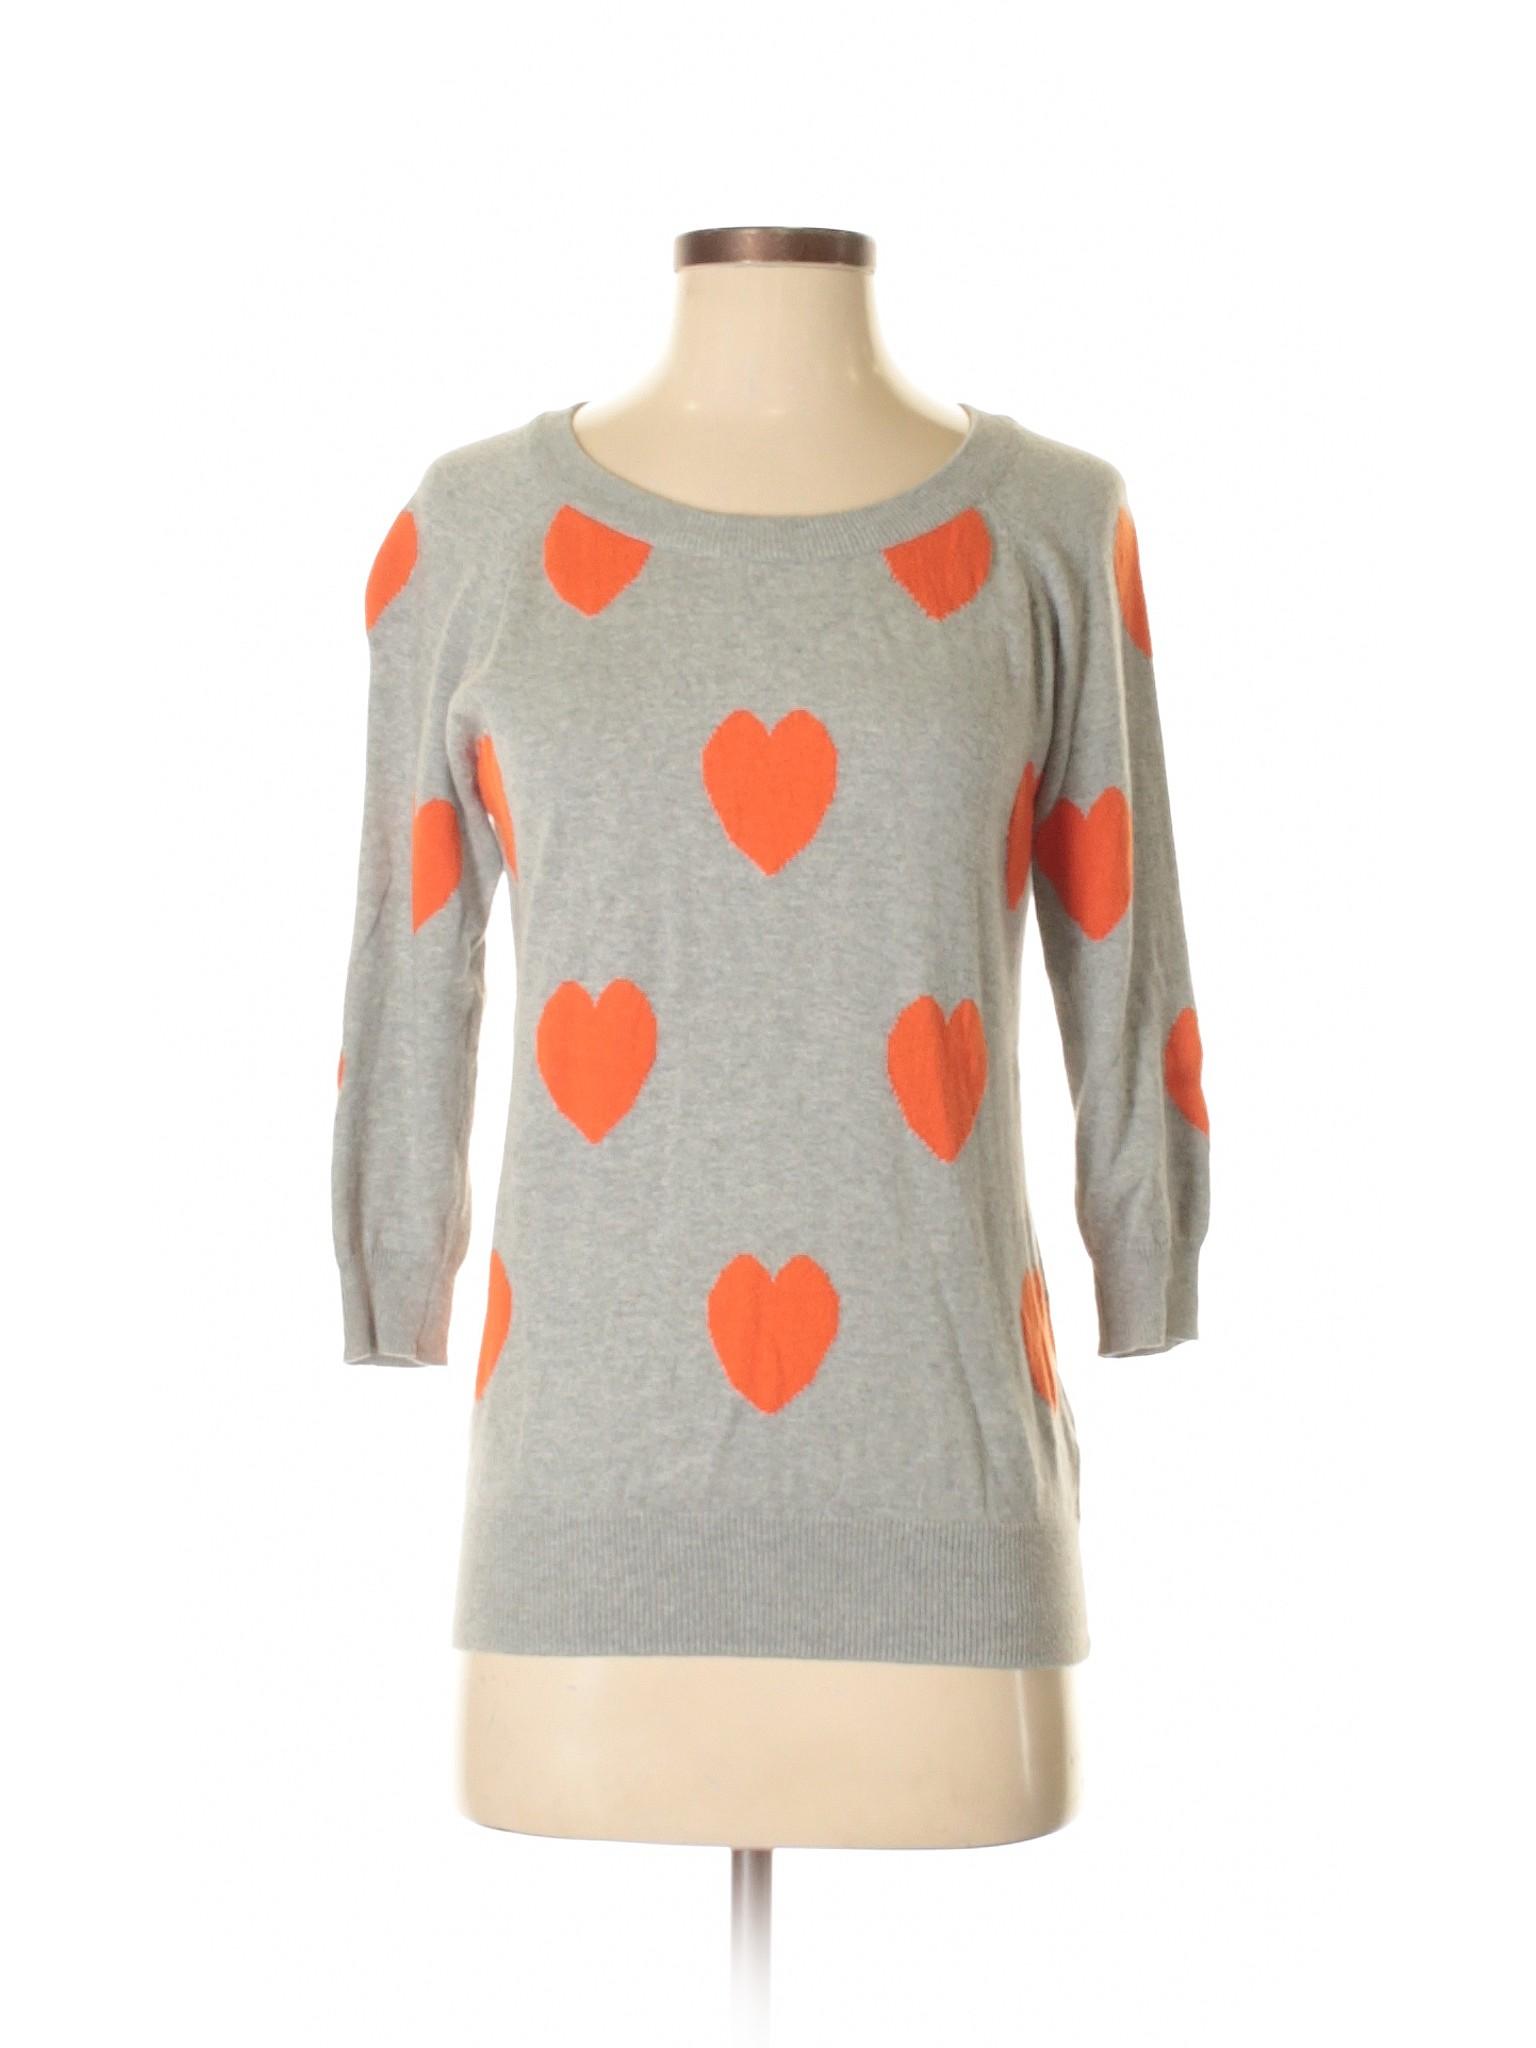 Boutique Pleione Pullover winter Boutique winter Pleione Sweater Rq5wH6IIn